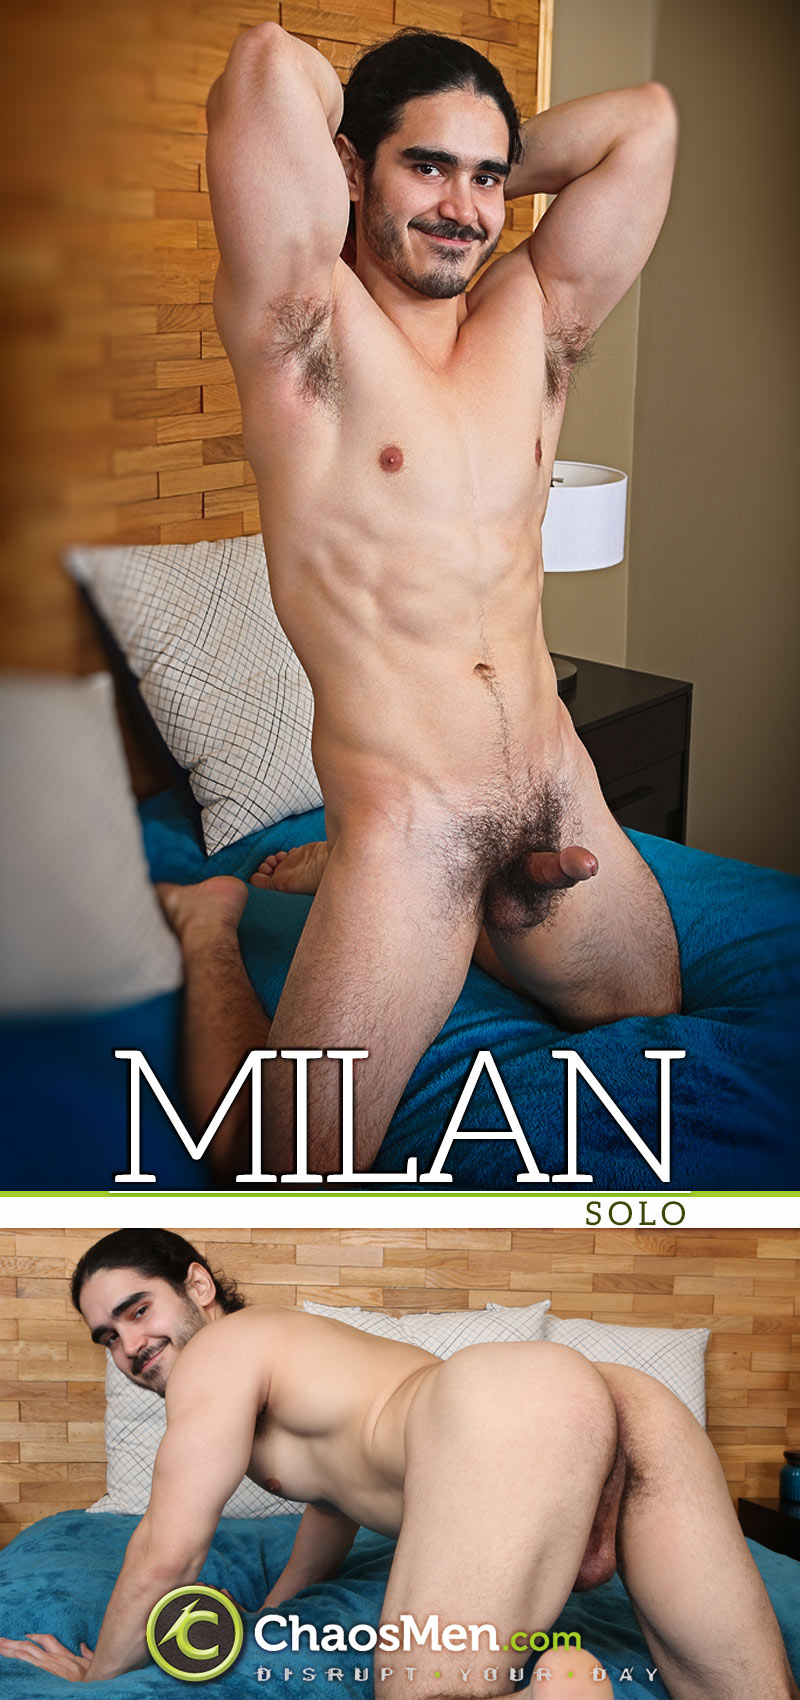 Milan (Solo) at ChaosMen